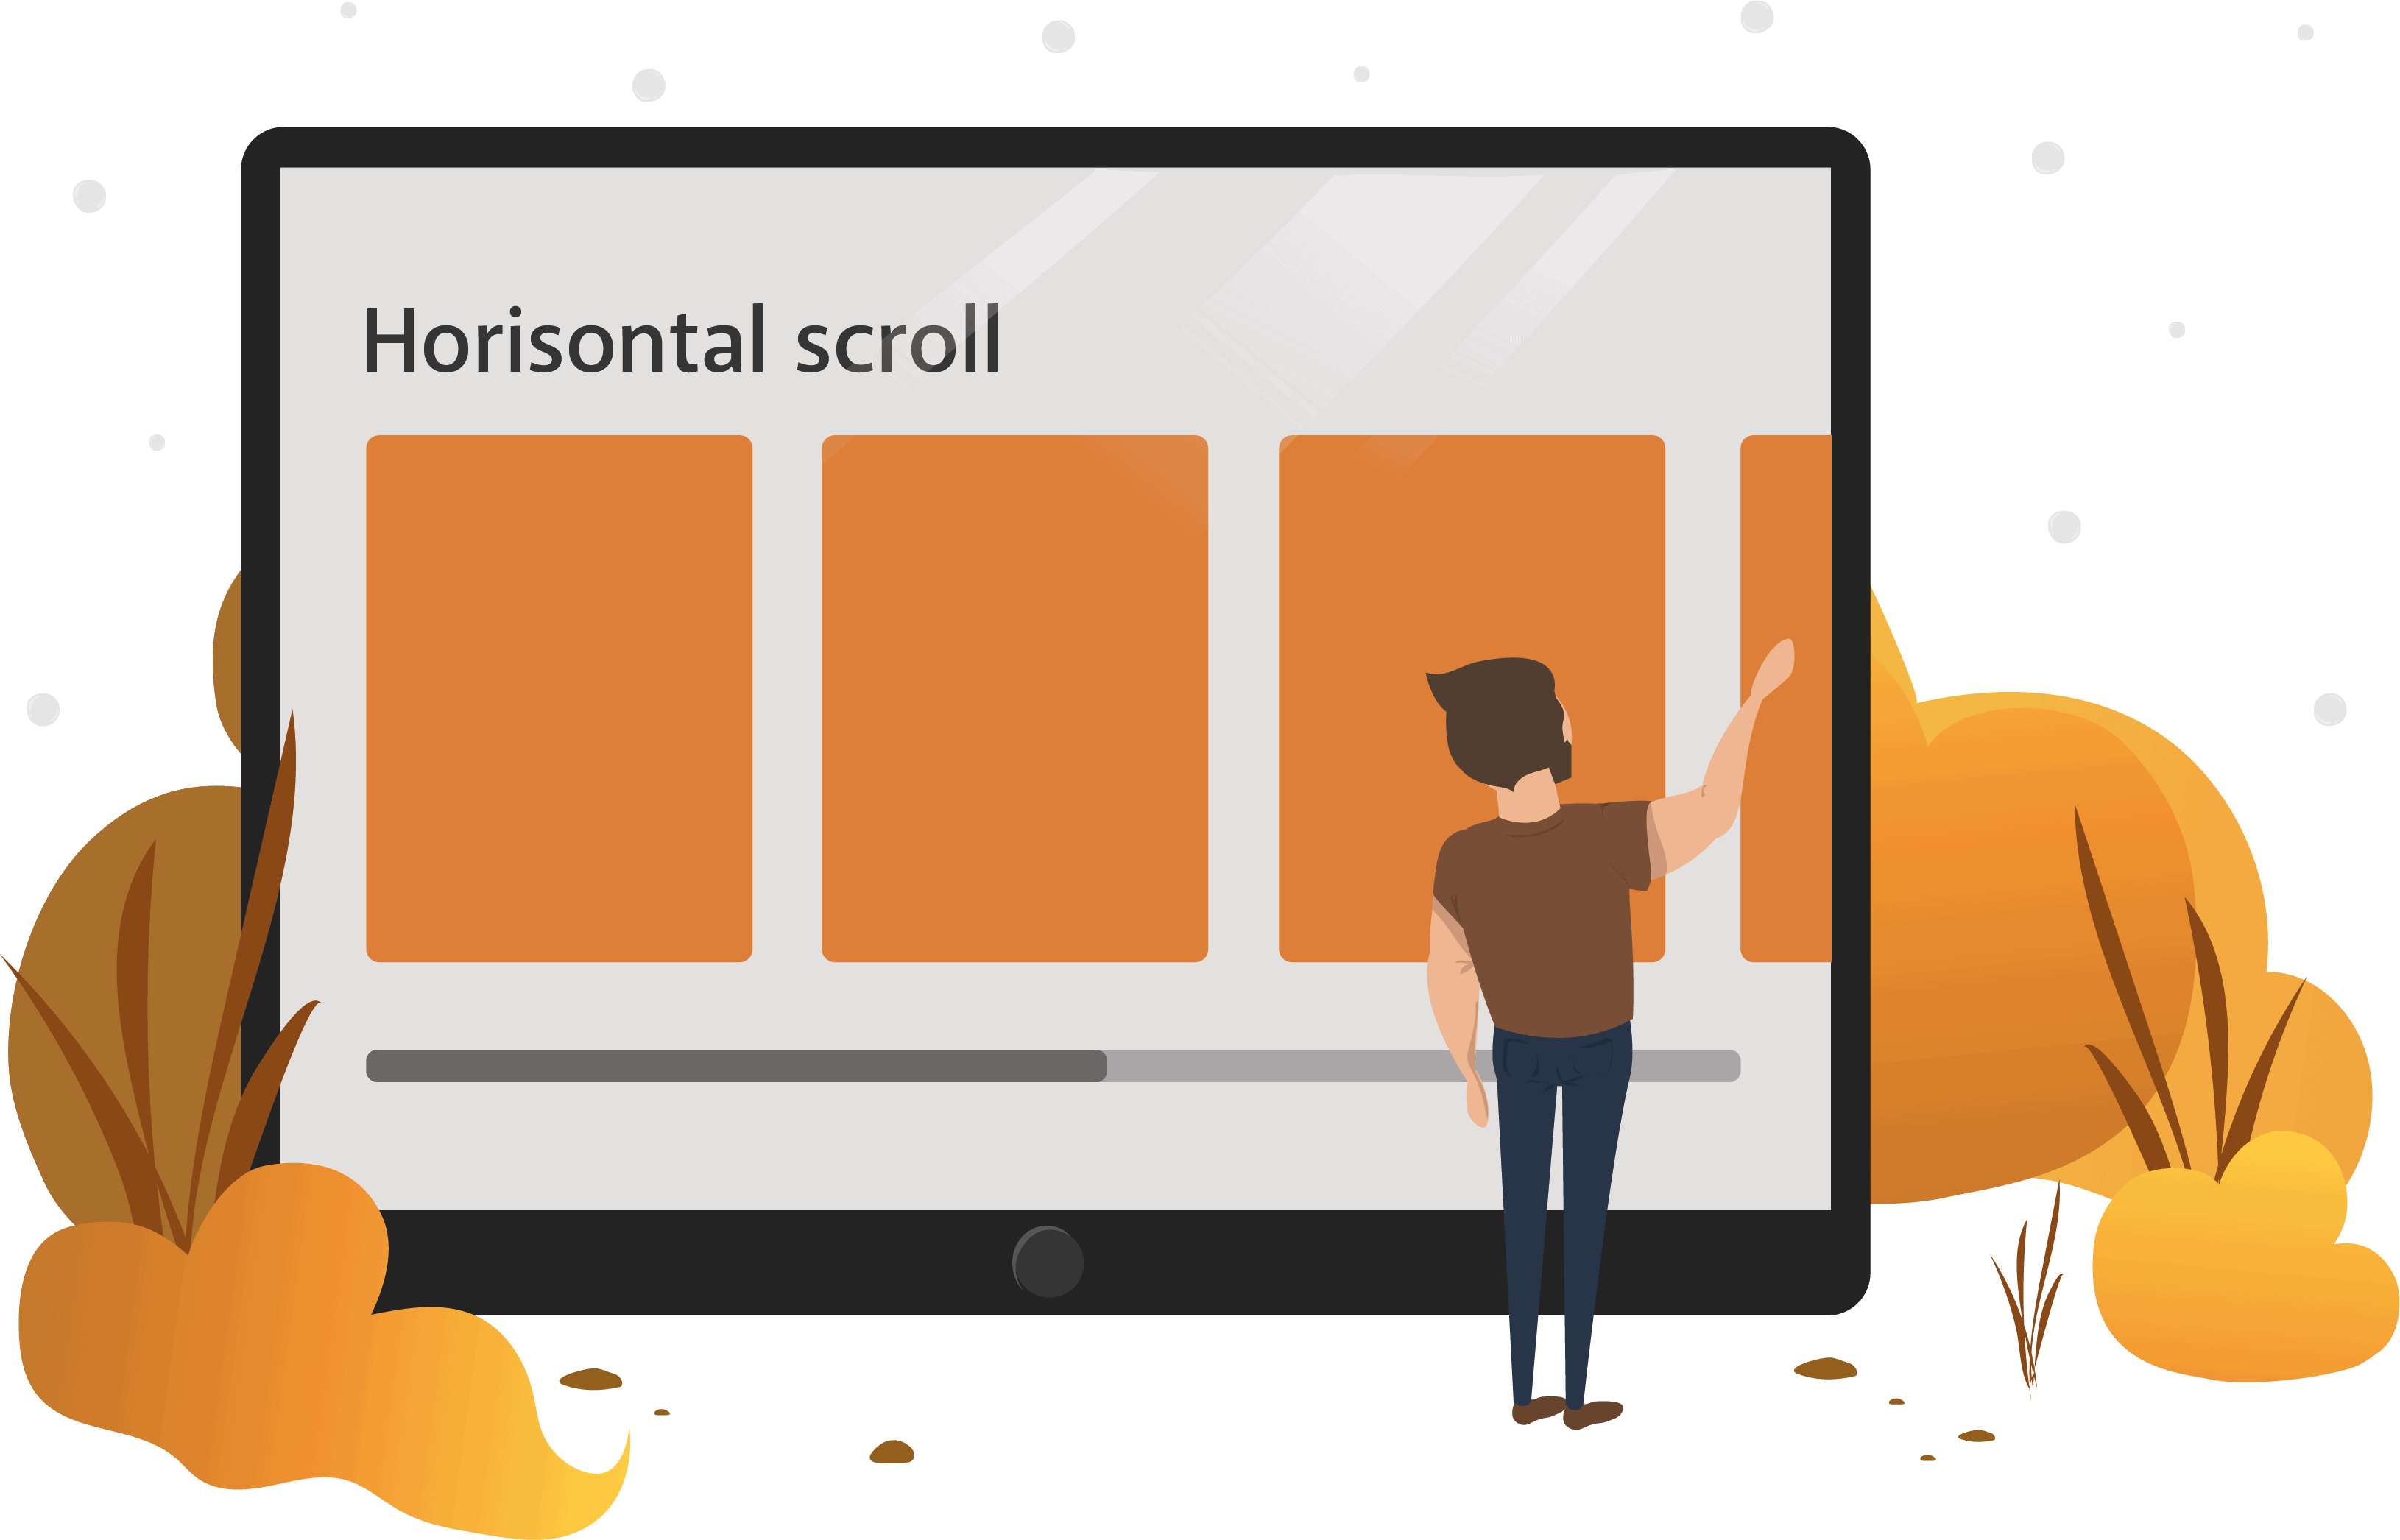 Hvorfor bruge horisontal scroll?